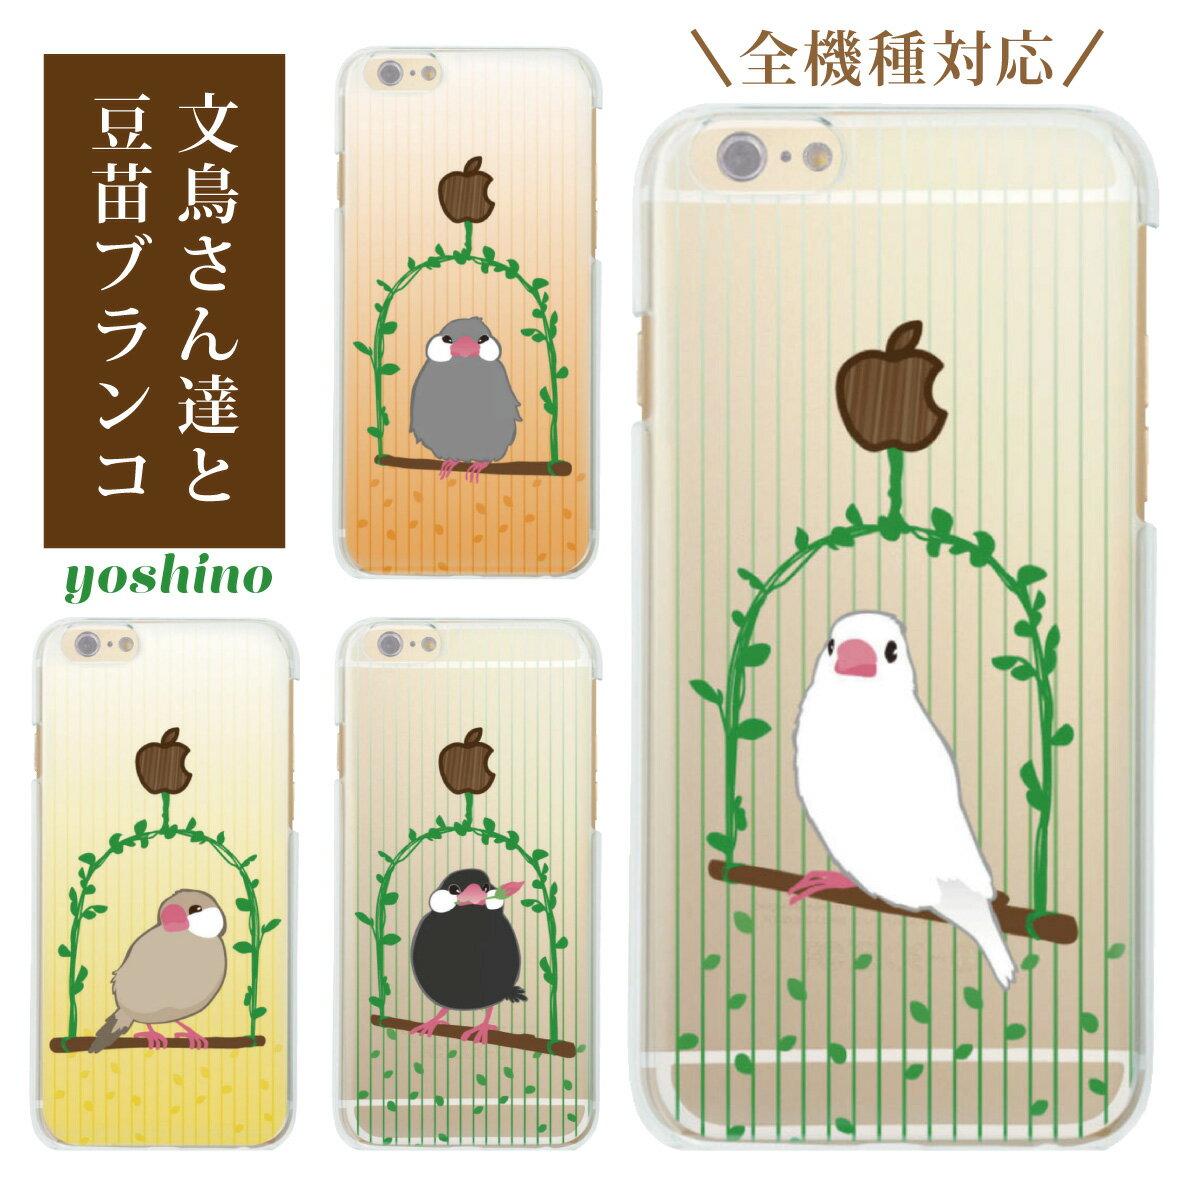 スマホケース 全機種対応 ケース カバー ハードケース クリアケース iPhoneXS Max iPhoneXR iPhoneX iPhone8 iPhone7 iPhone Xperia 1 SO-03L SOV40 Ase XZ3 SO-01L XZ2 XZ1 XZ aquos R3 sh-04l shv44 R2 sh-04k sense2 galaxy S10 S9 S8 文鳥 yoshino 38-zen-07